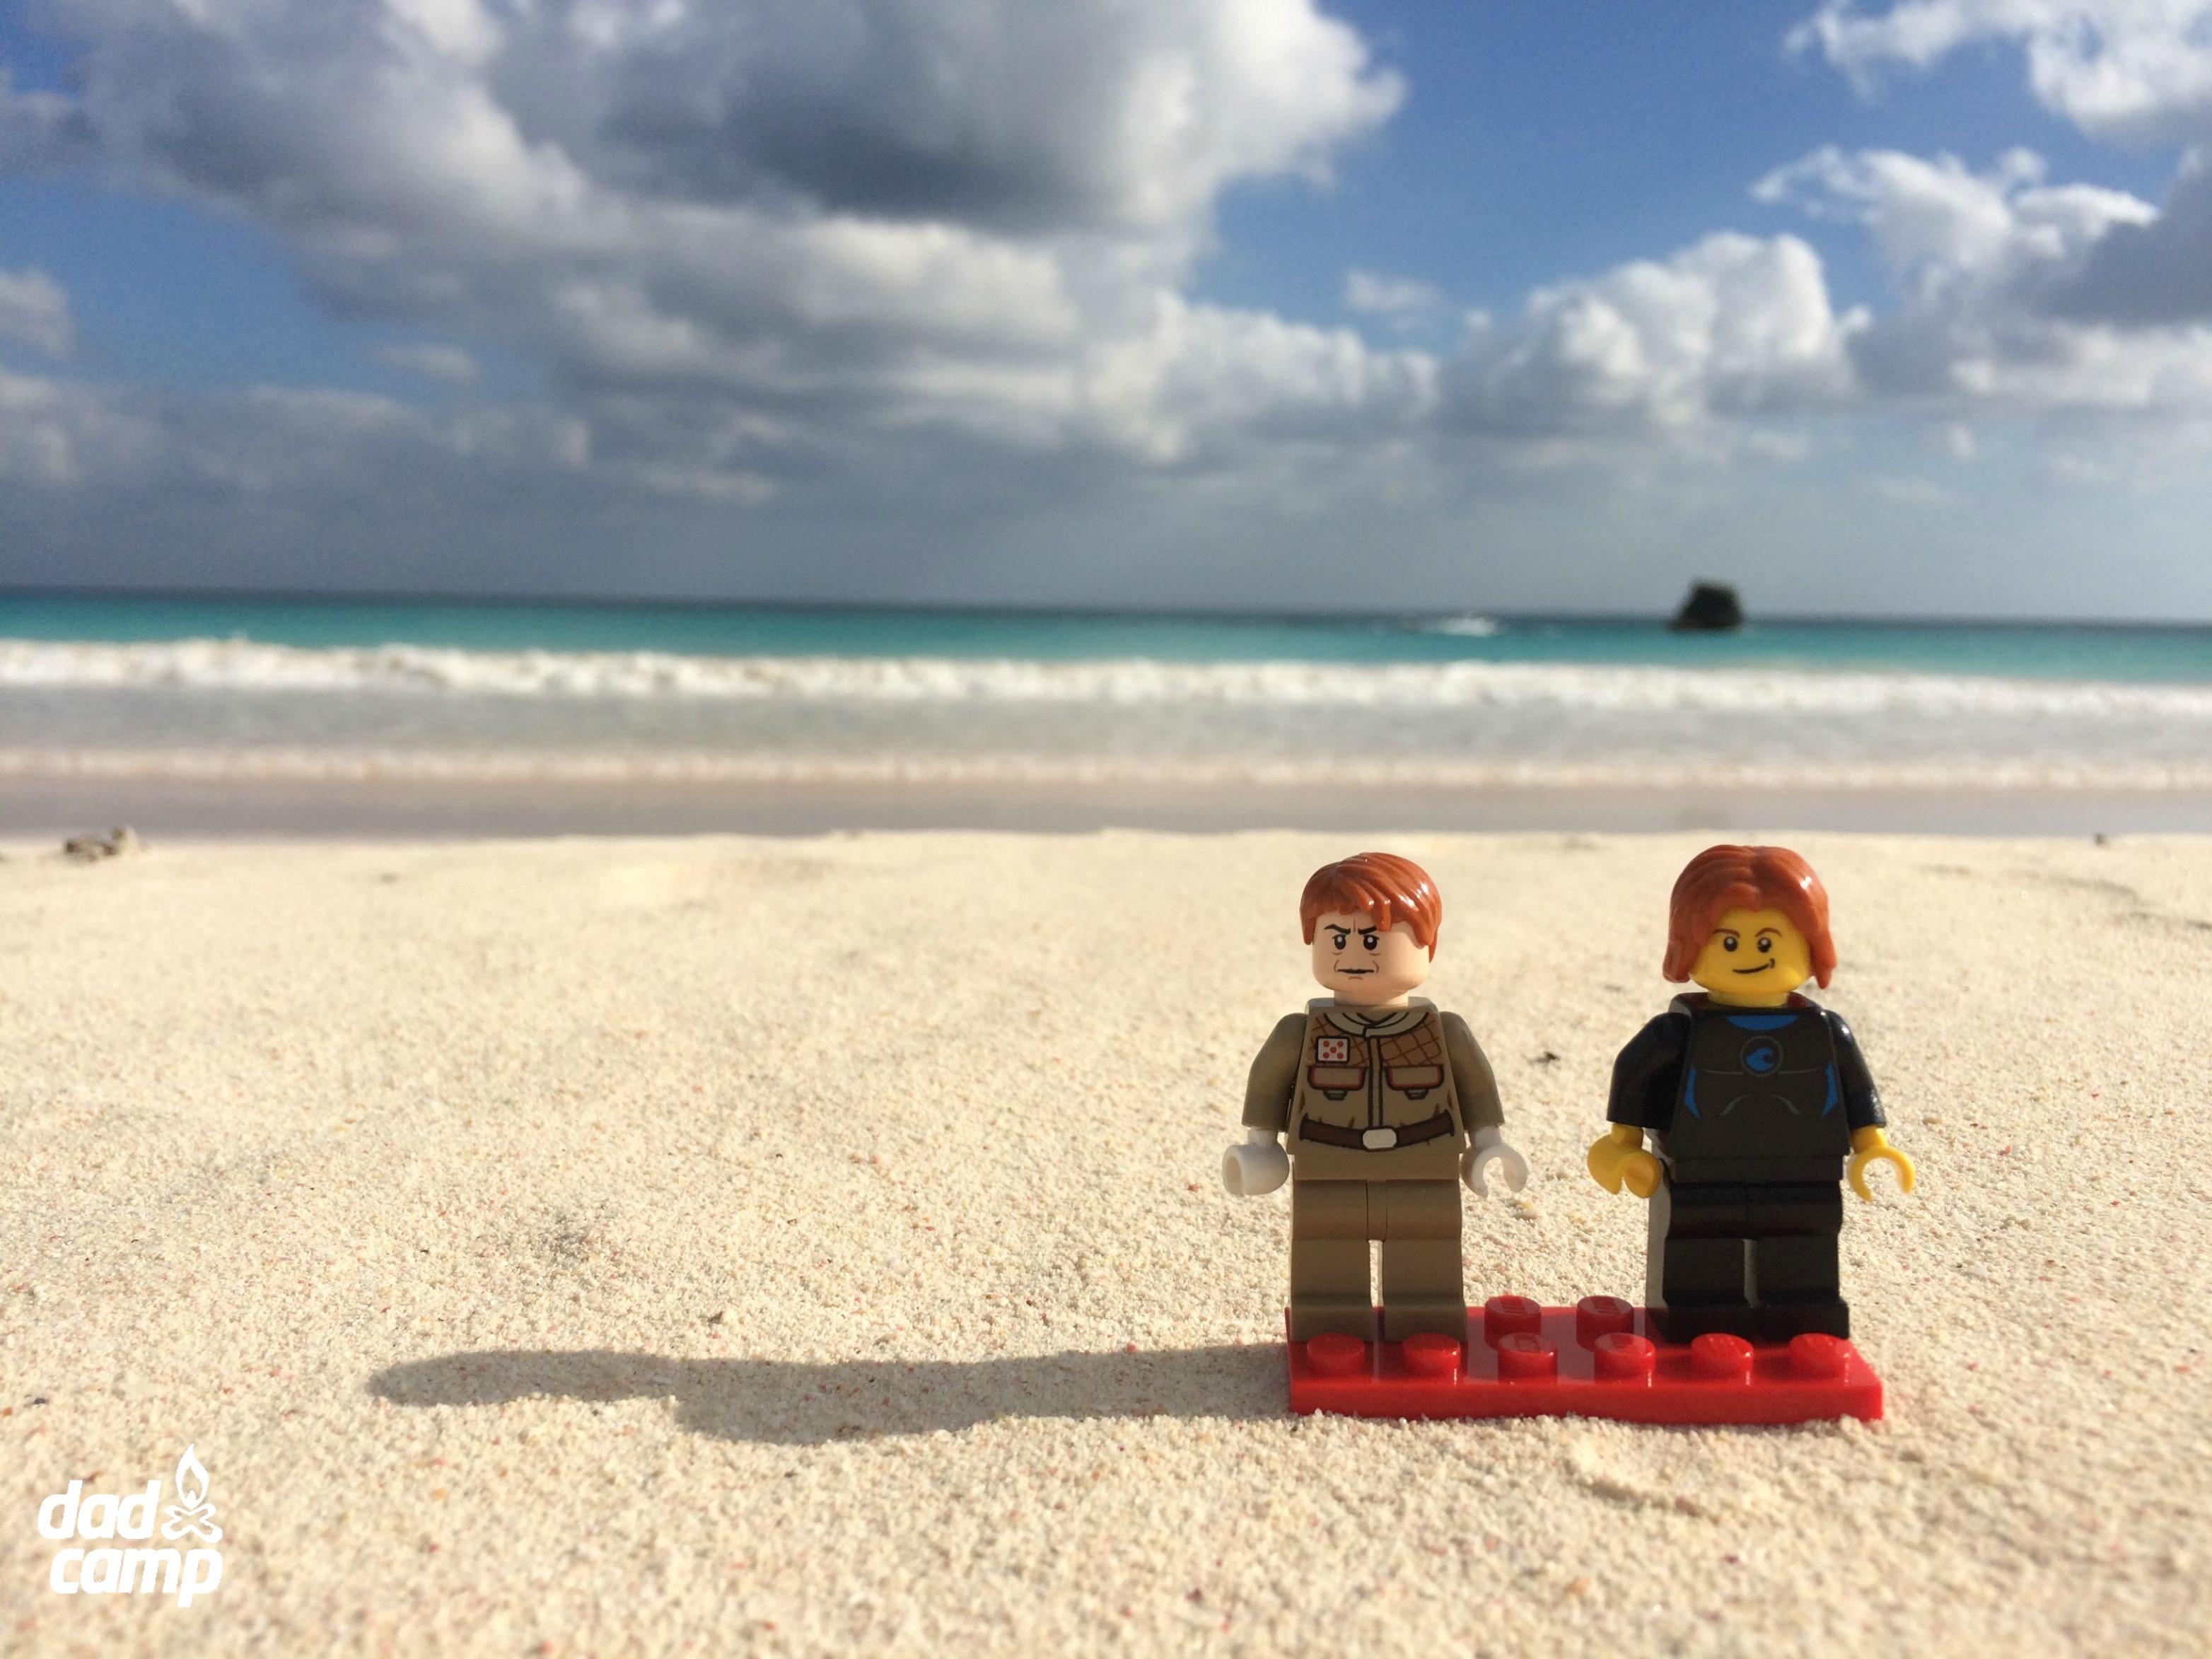 LEGO boys on the beach